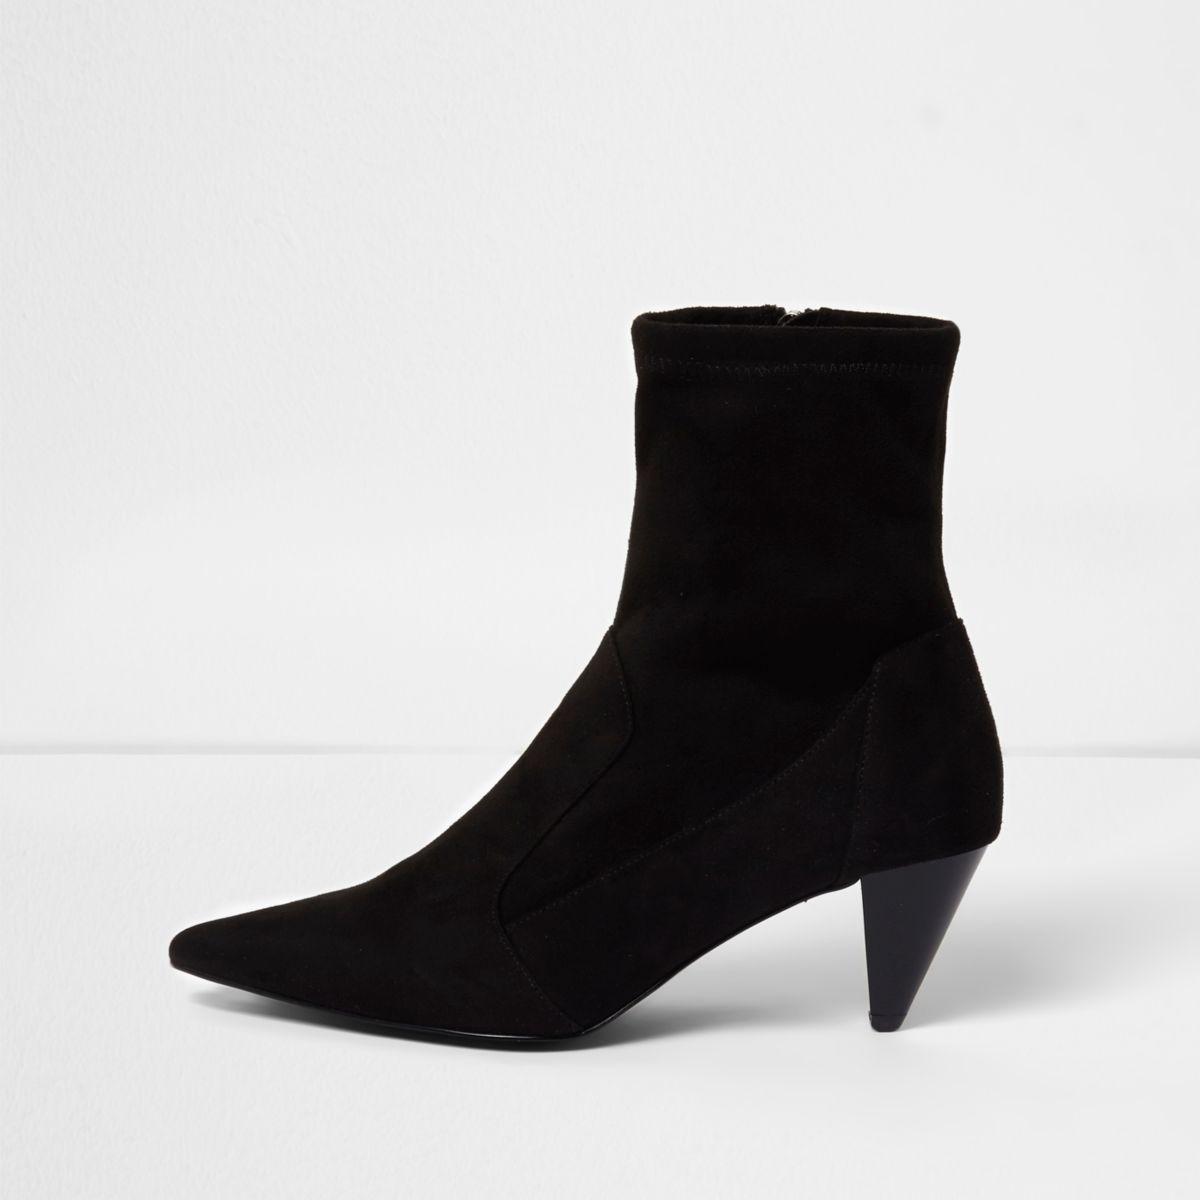 Zwarte laarzen van imitatiesuède met elastische schacht en kegelvormige hak